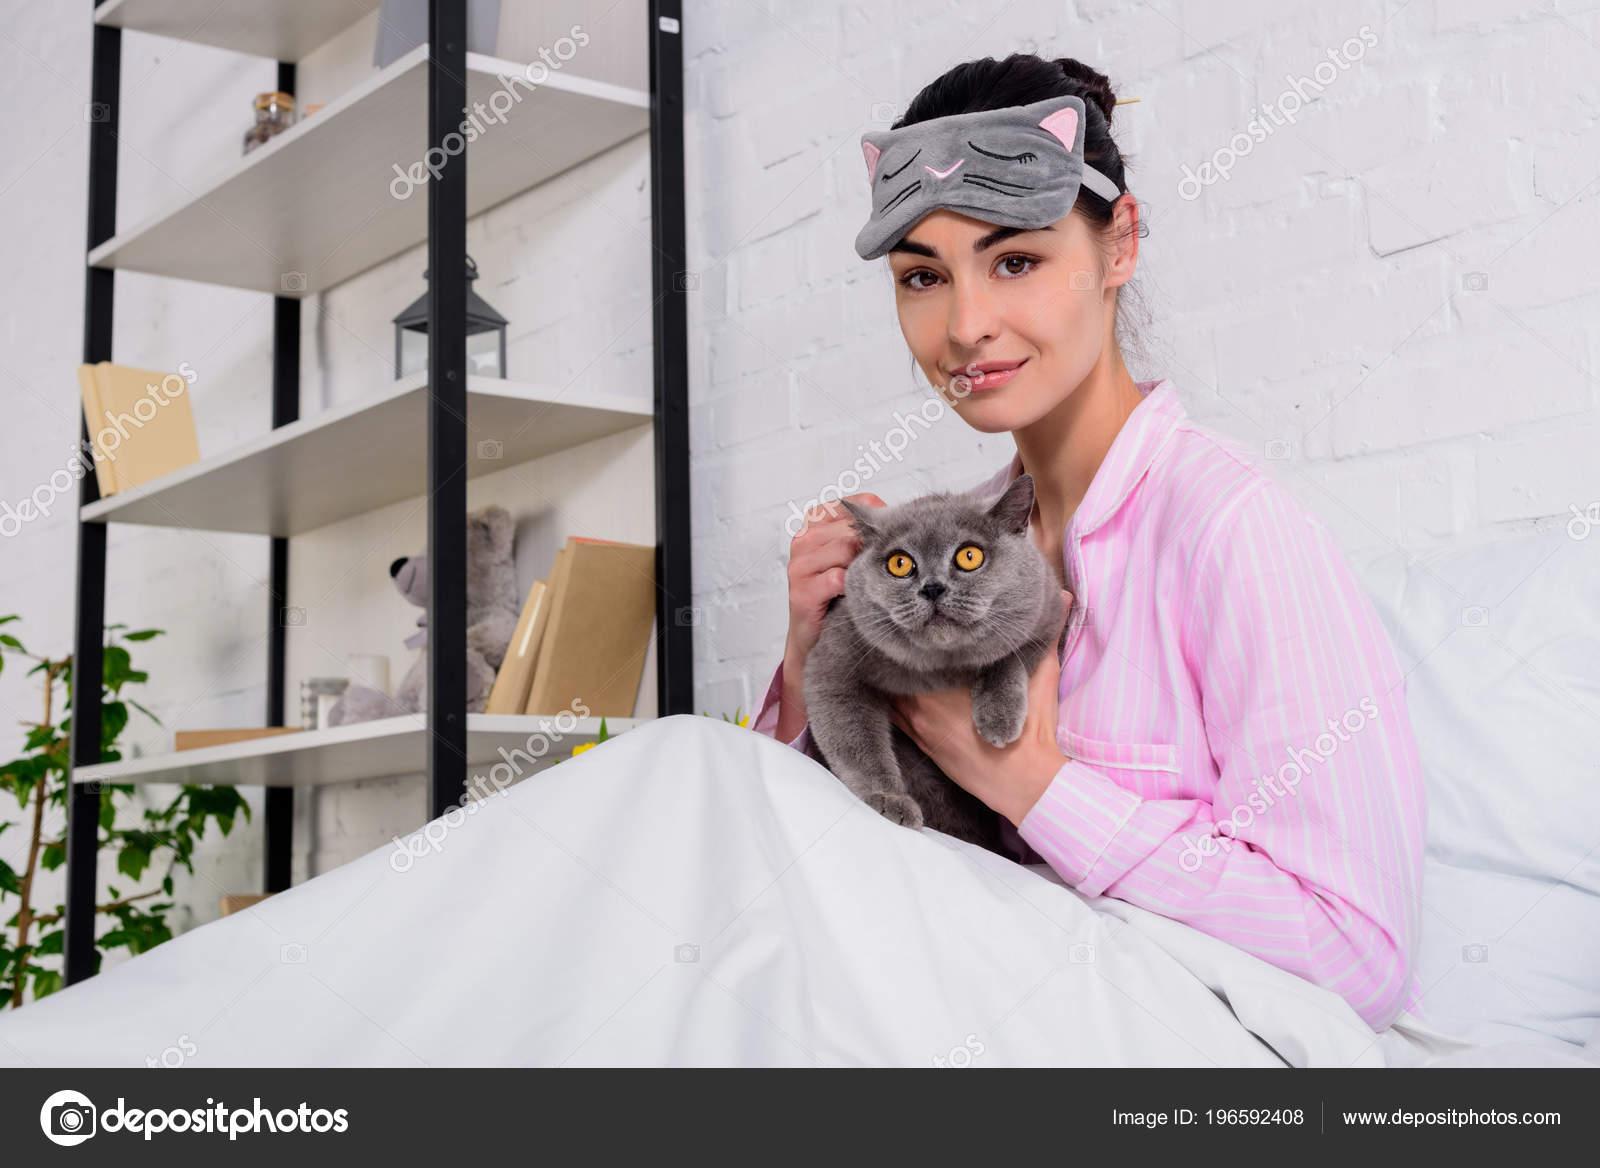 30df9c4d13 Sonriente Mujer Pijamas Máscara Dormir Con Gato Pelo Corto Gran — Foto de  Stock